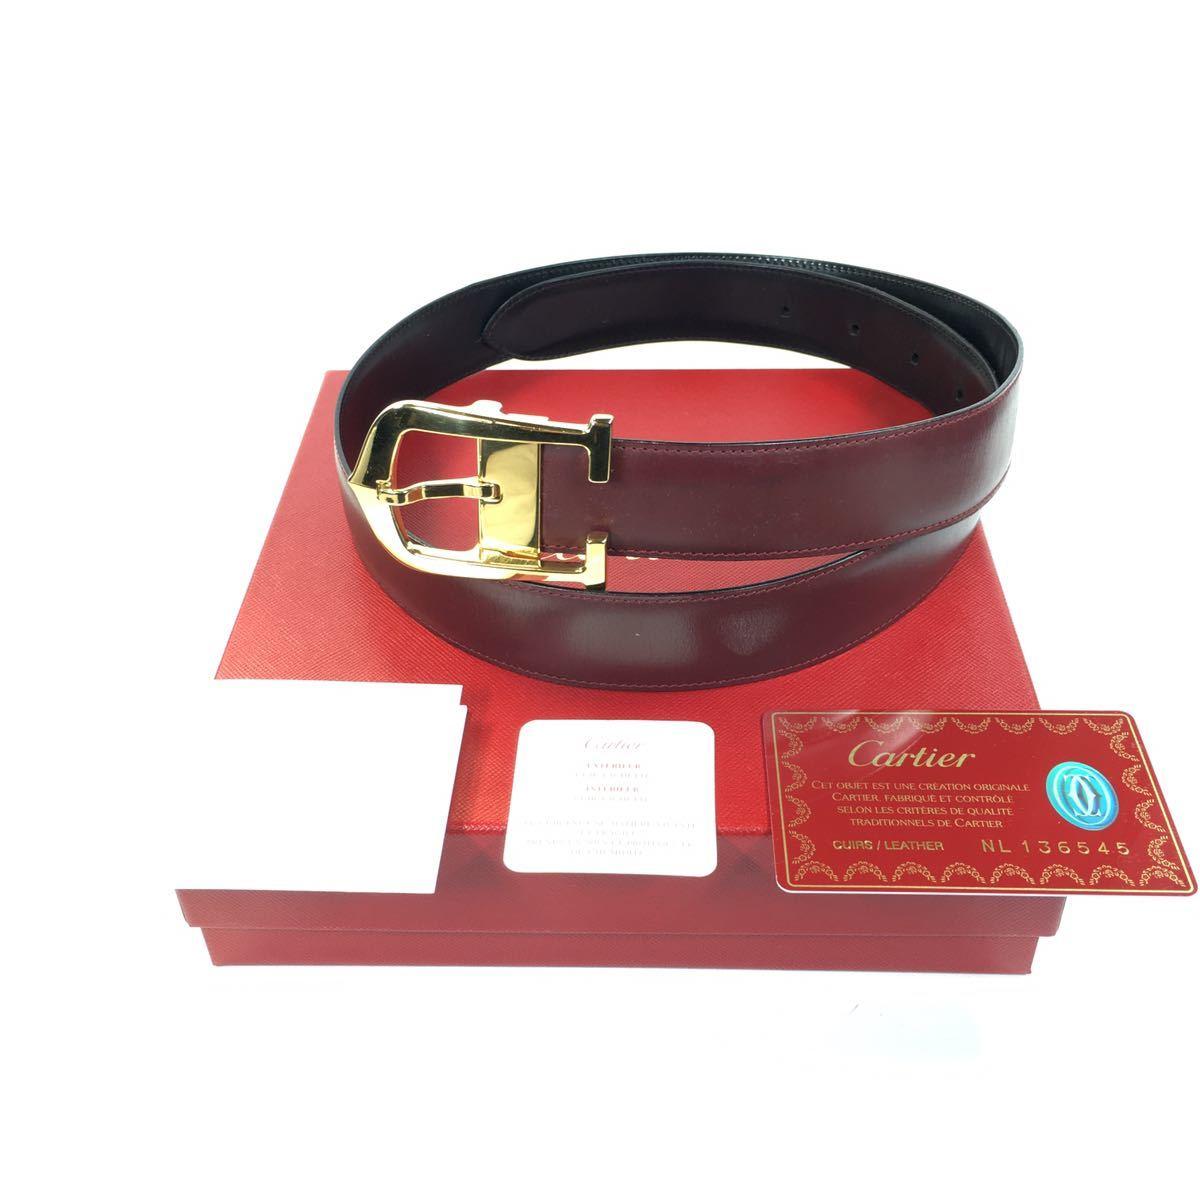 【カルティエ】本物 Cartier ベルト ロング C バックル アロンジェ 全長99cm 幅3cm メンズ サイズ調整可能 箱 ギャランティ有り 送料520円_画像1